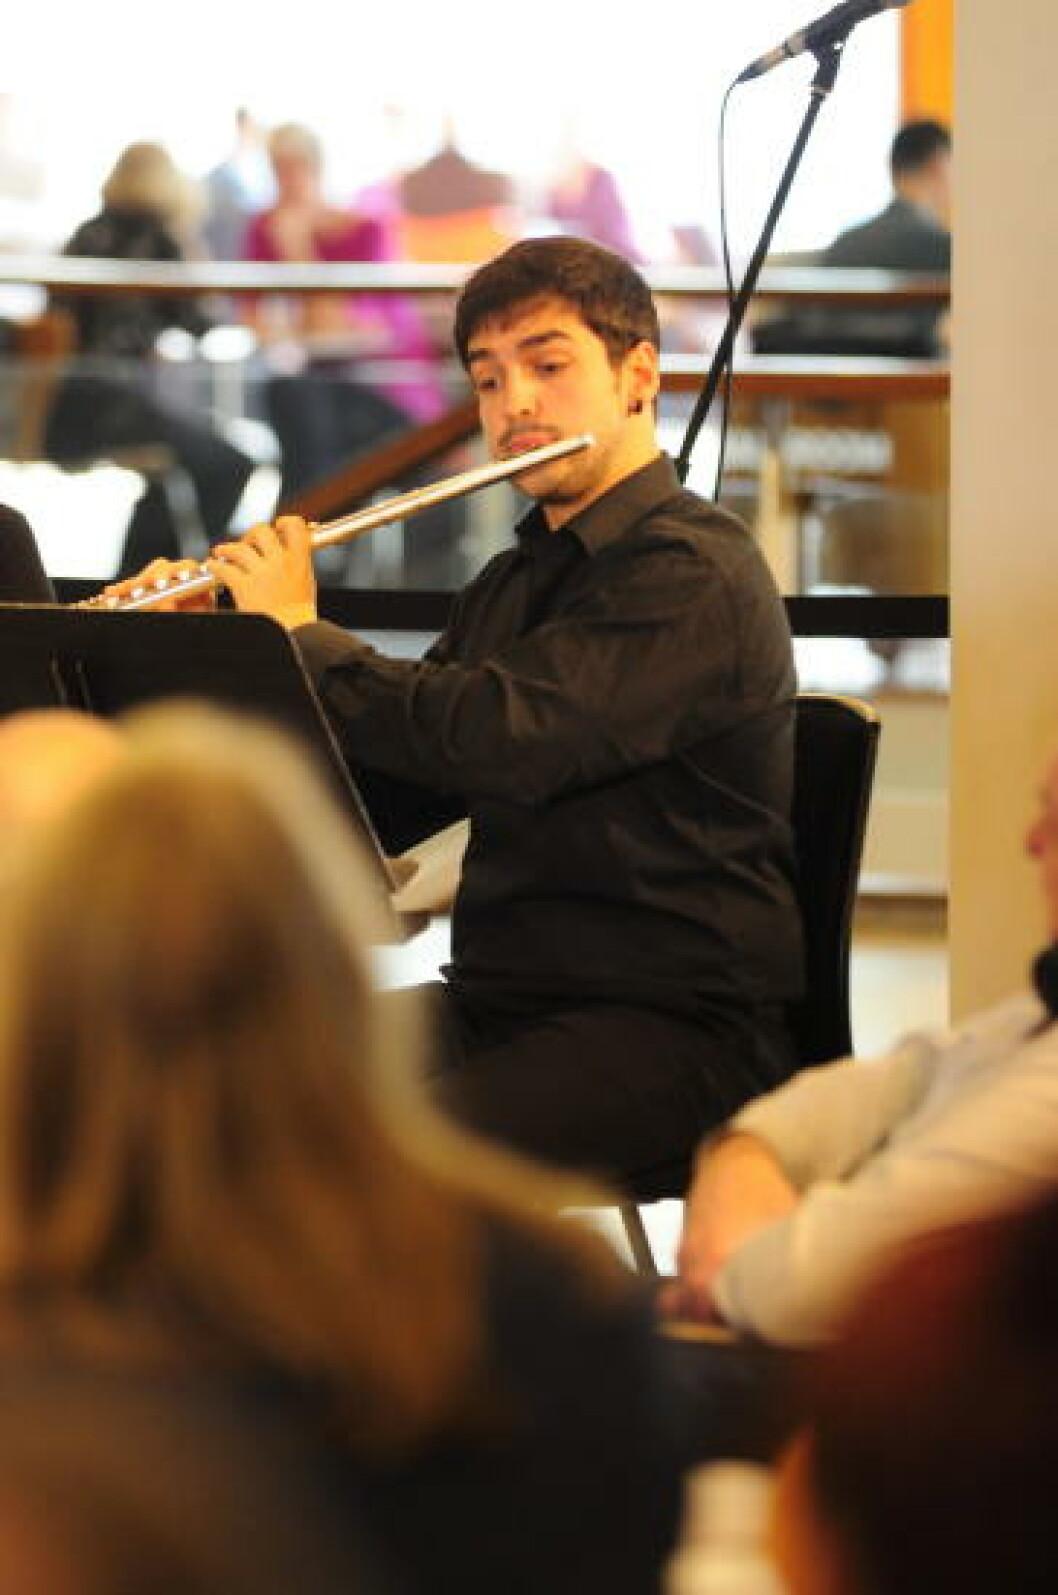 <strong>MUSIKALSKE:</strong> I Royal Festival Hall arrangeres det ukentlige konserter. Foto: MARIANNE WIE